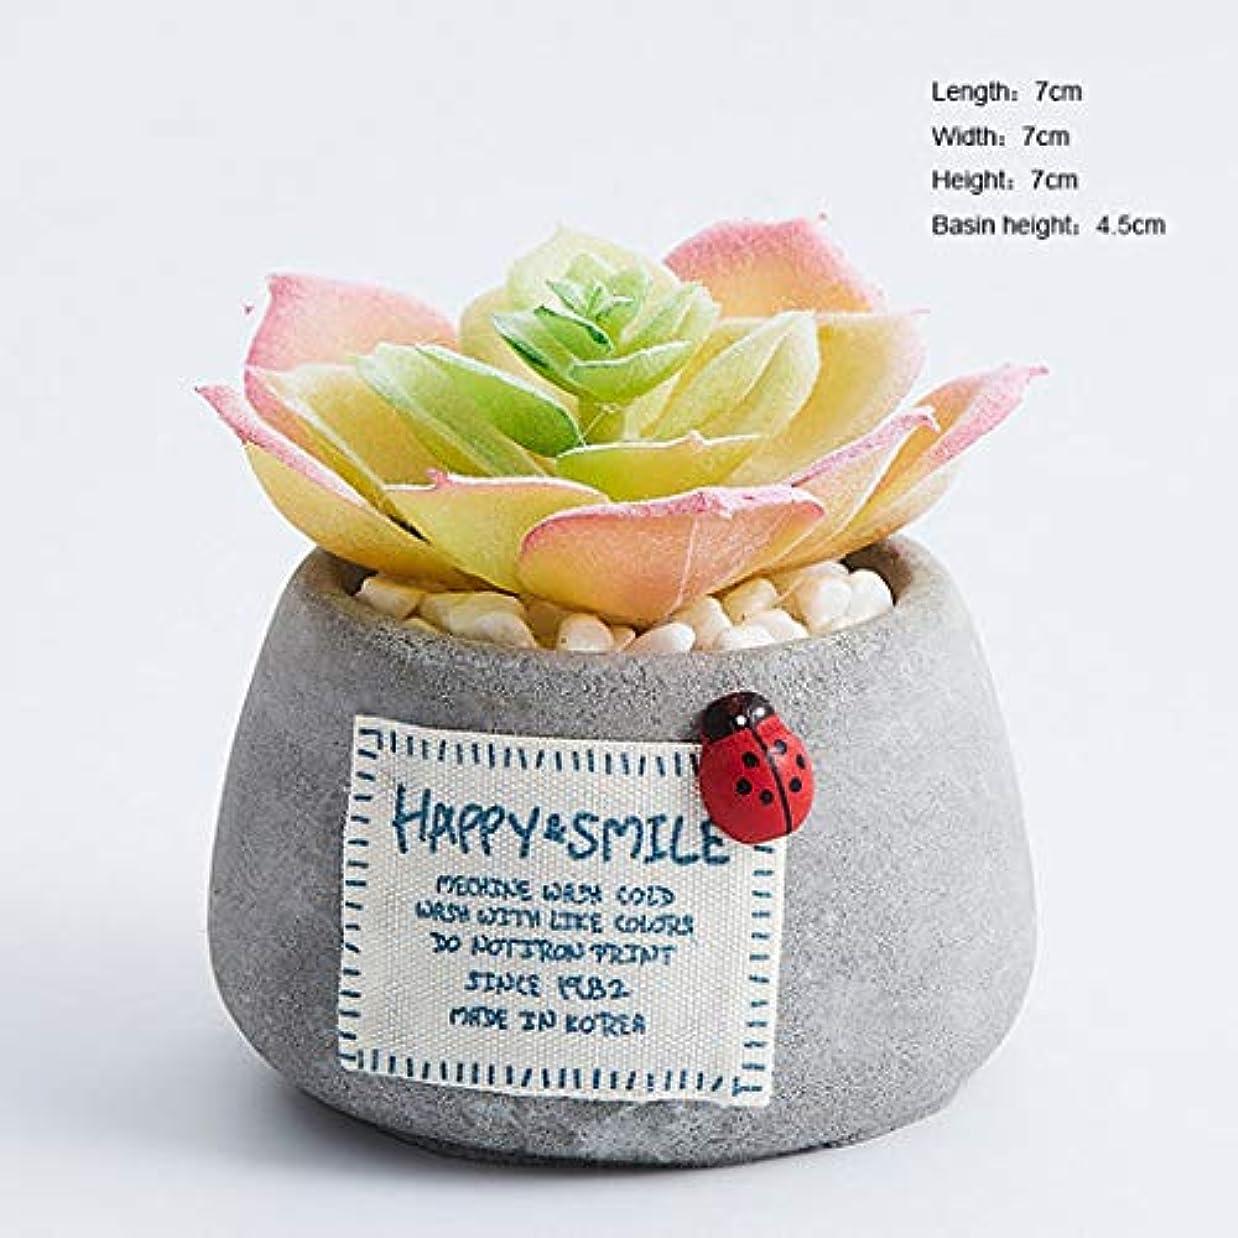 破壊するお互い知り合いになる人工植物ミニジューシーな植物小さな鉢植えホームリビングルームキッチン本棚卓上オフィス学校装飾のための多肉植物,H